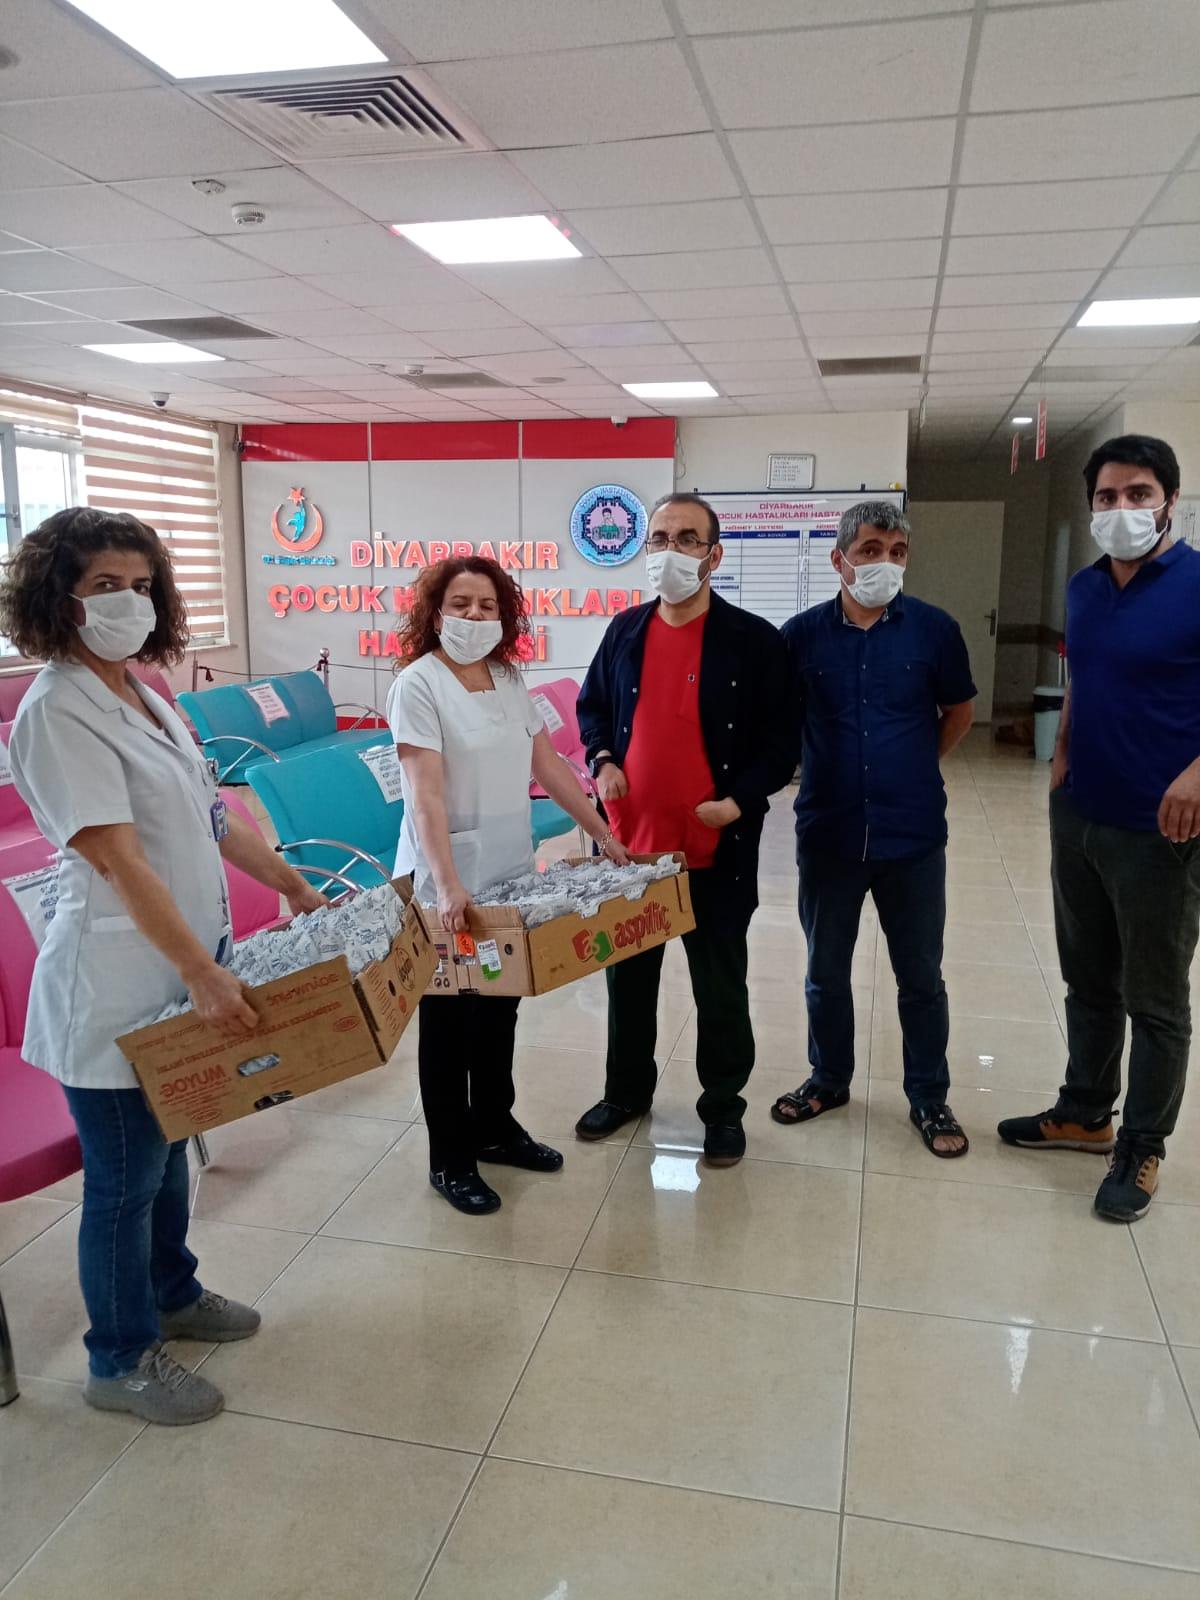 Diyarbakır Şubemizden Yemekhane Boykotu